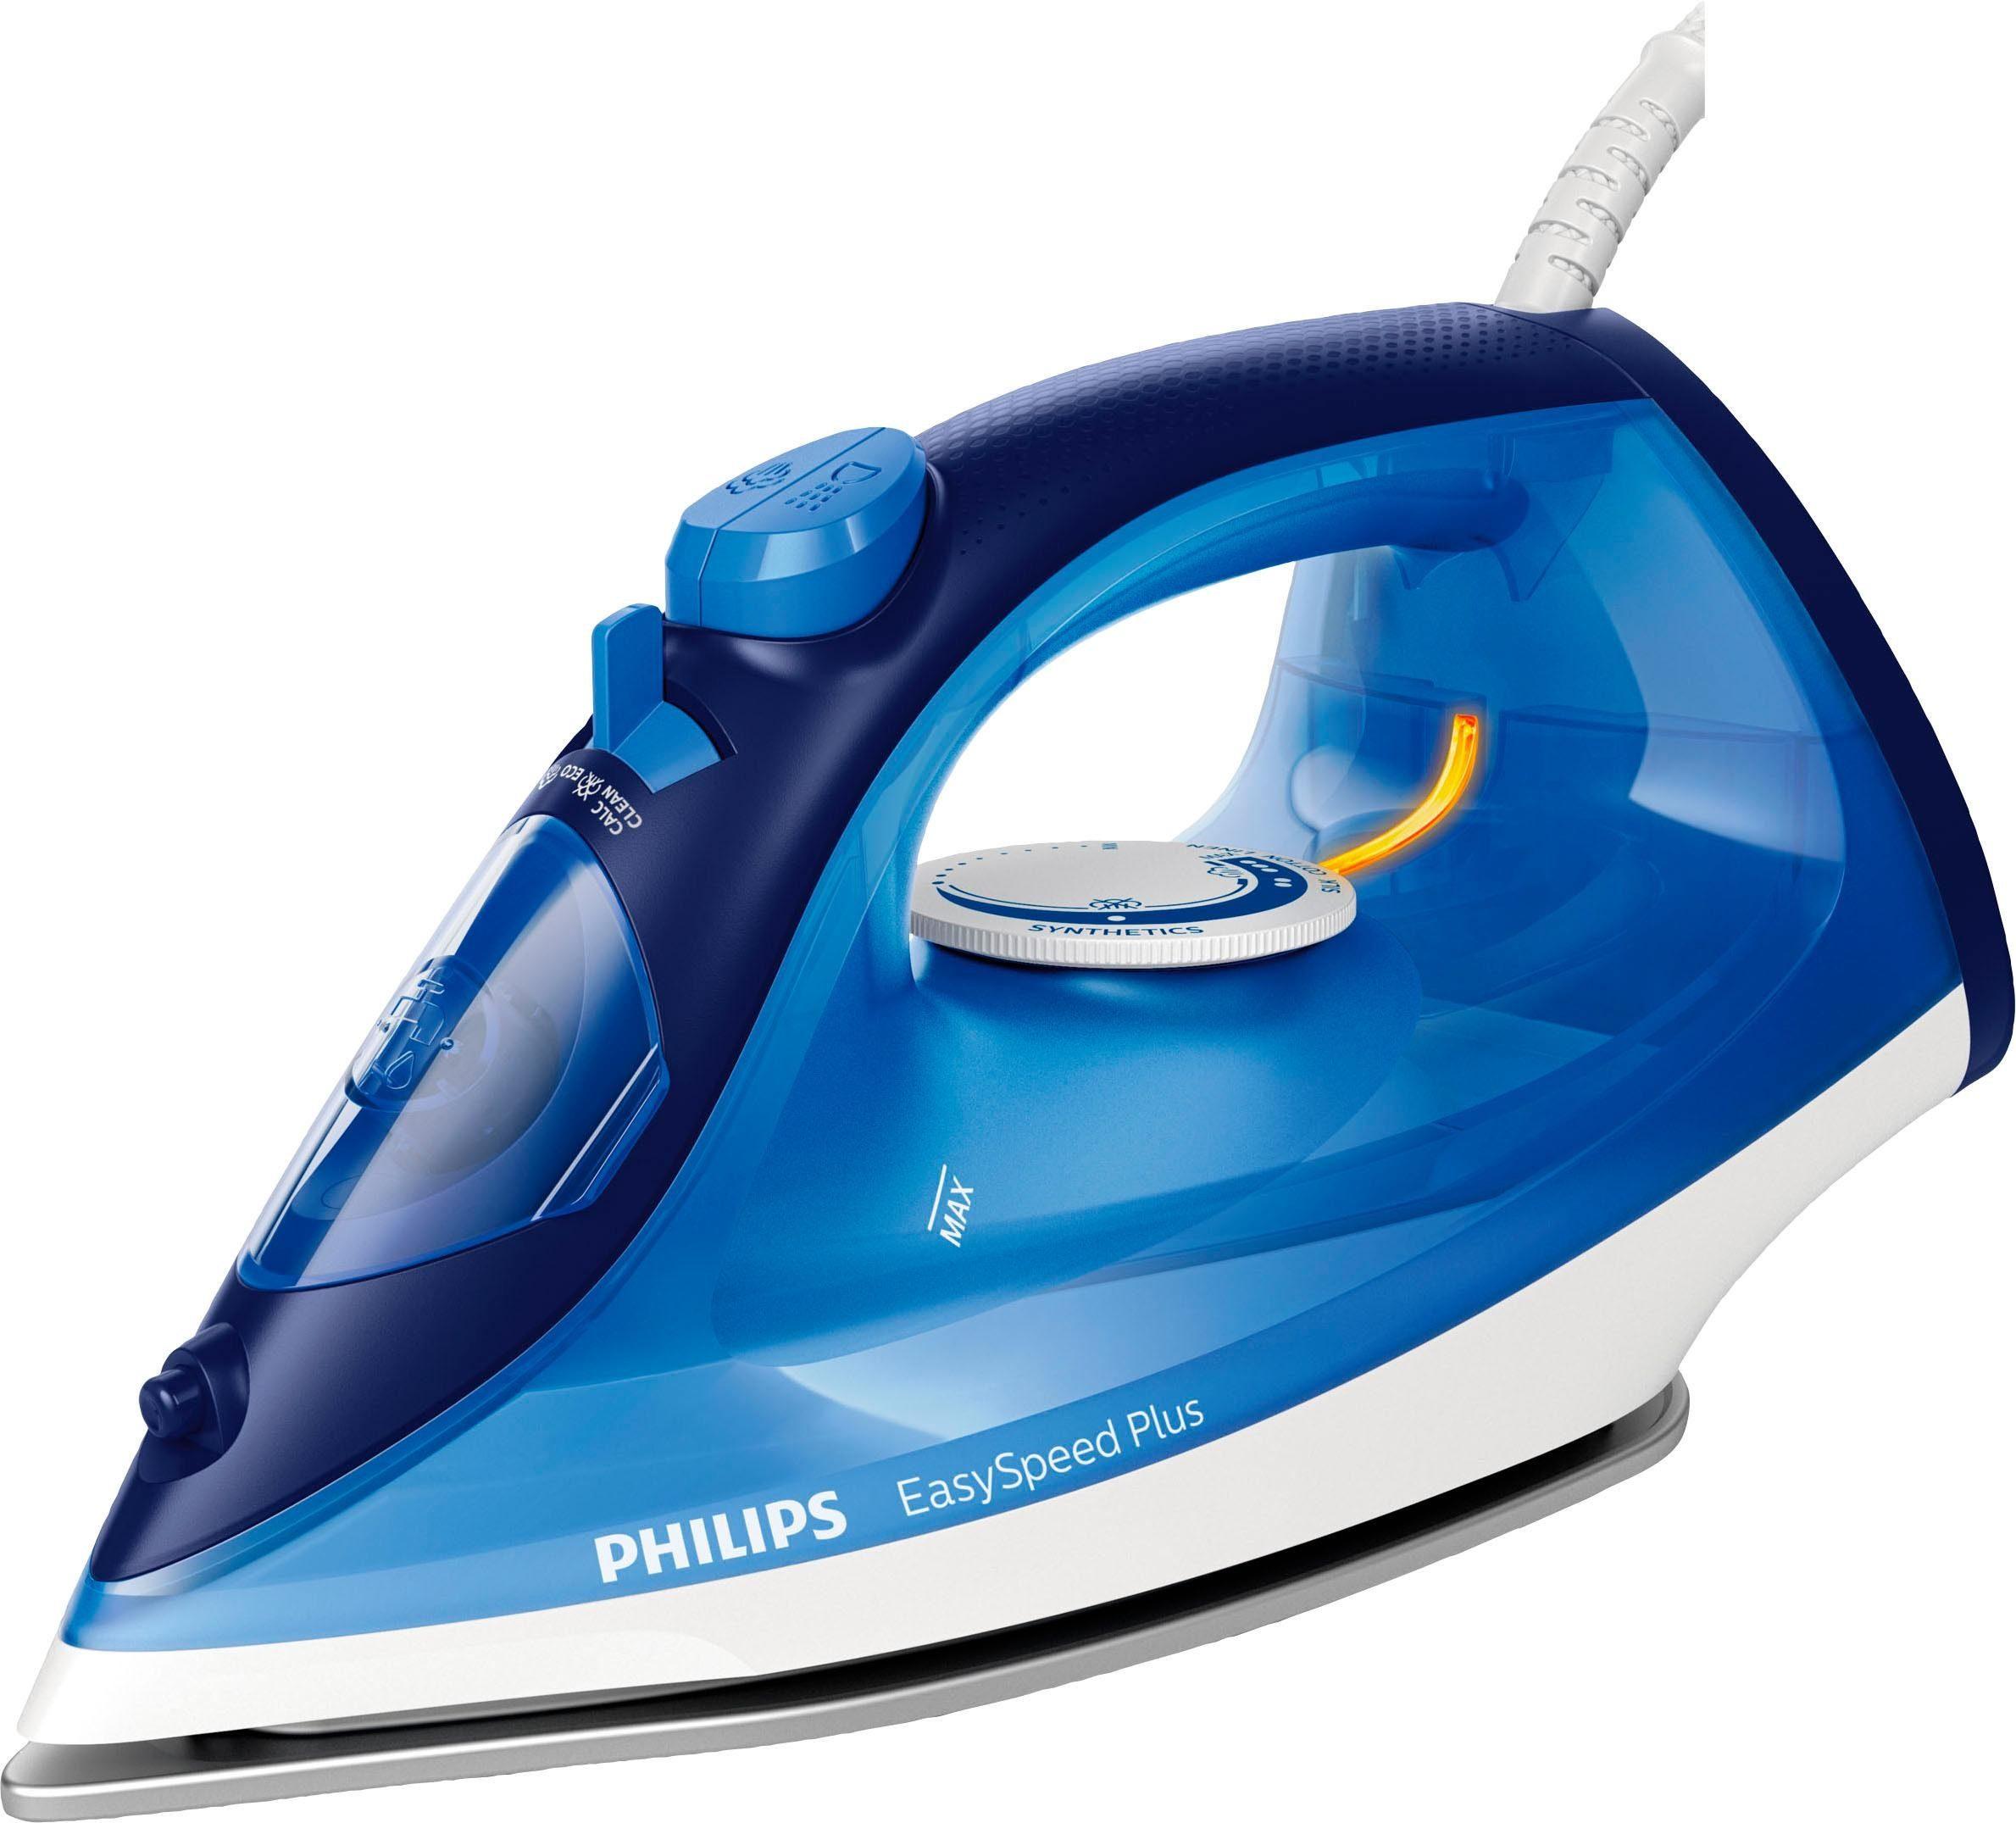 Philips Dampfbügeleisen EasySpeed Plus GC2145/20, 2100 W